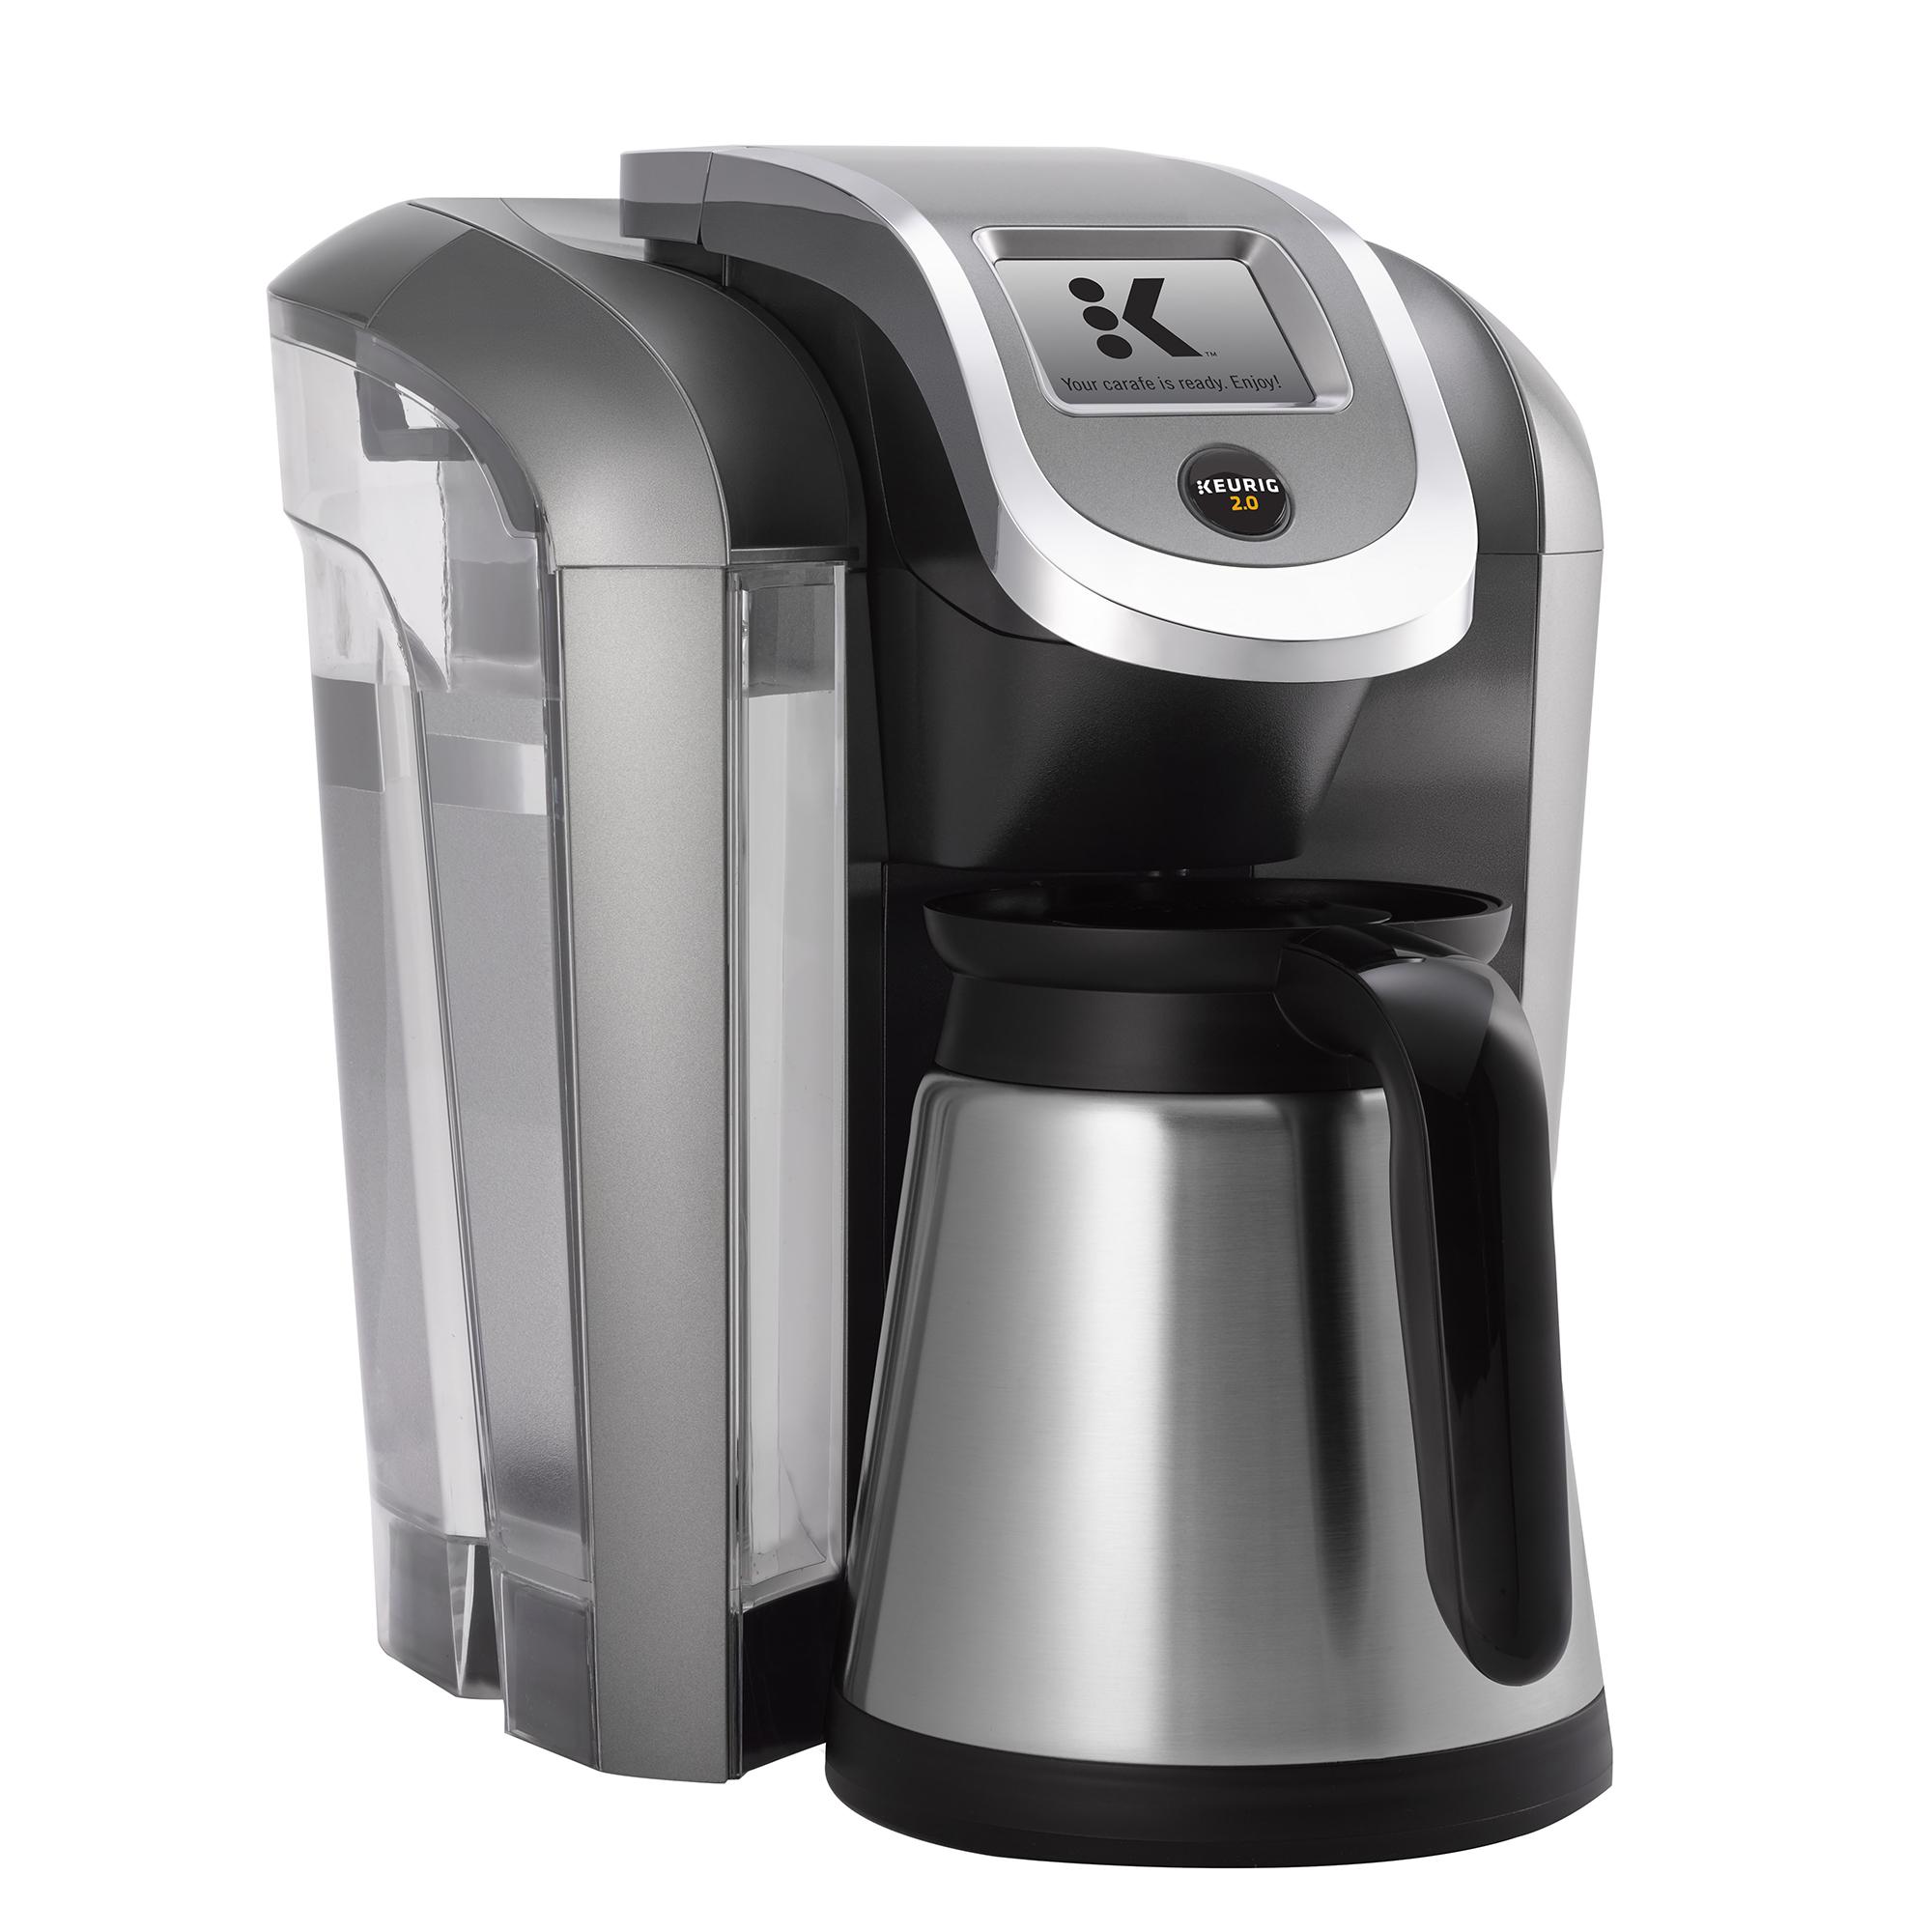 keurig k500 2 0 coffee maker brewing system with carafe certified refurbished ebay. Black Bedroom Furniture Sets. Home Design Ideas